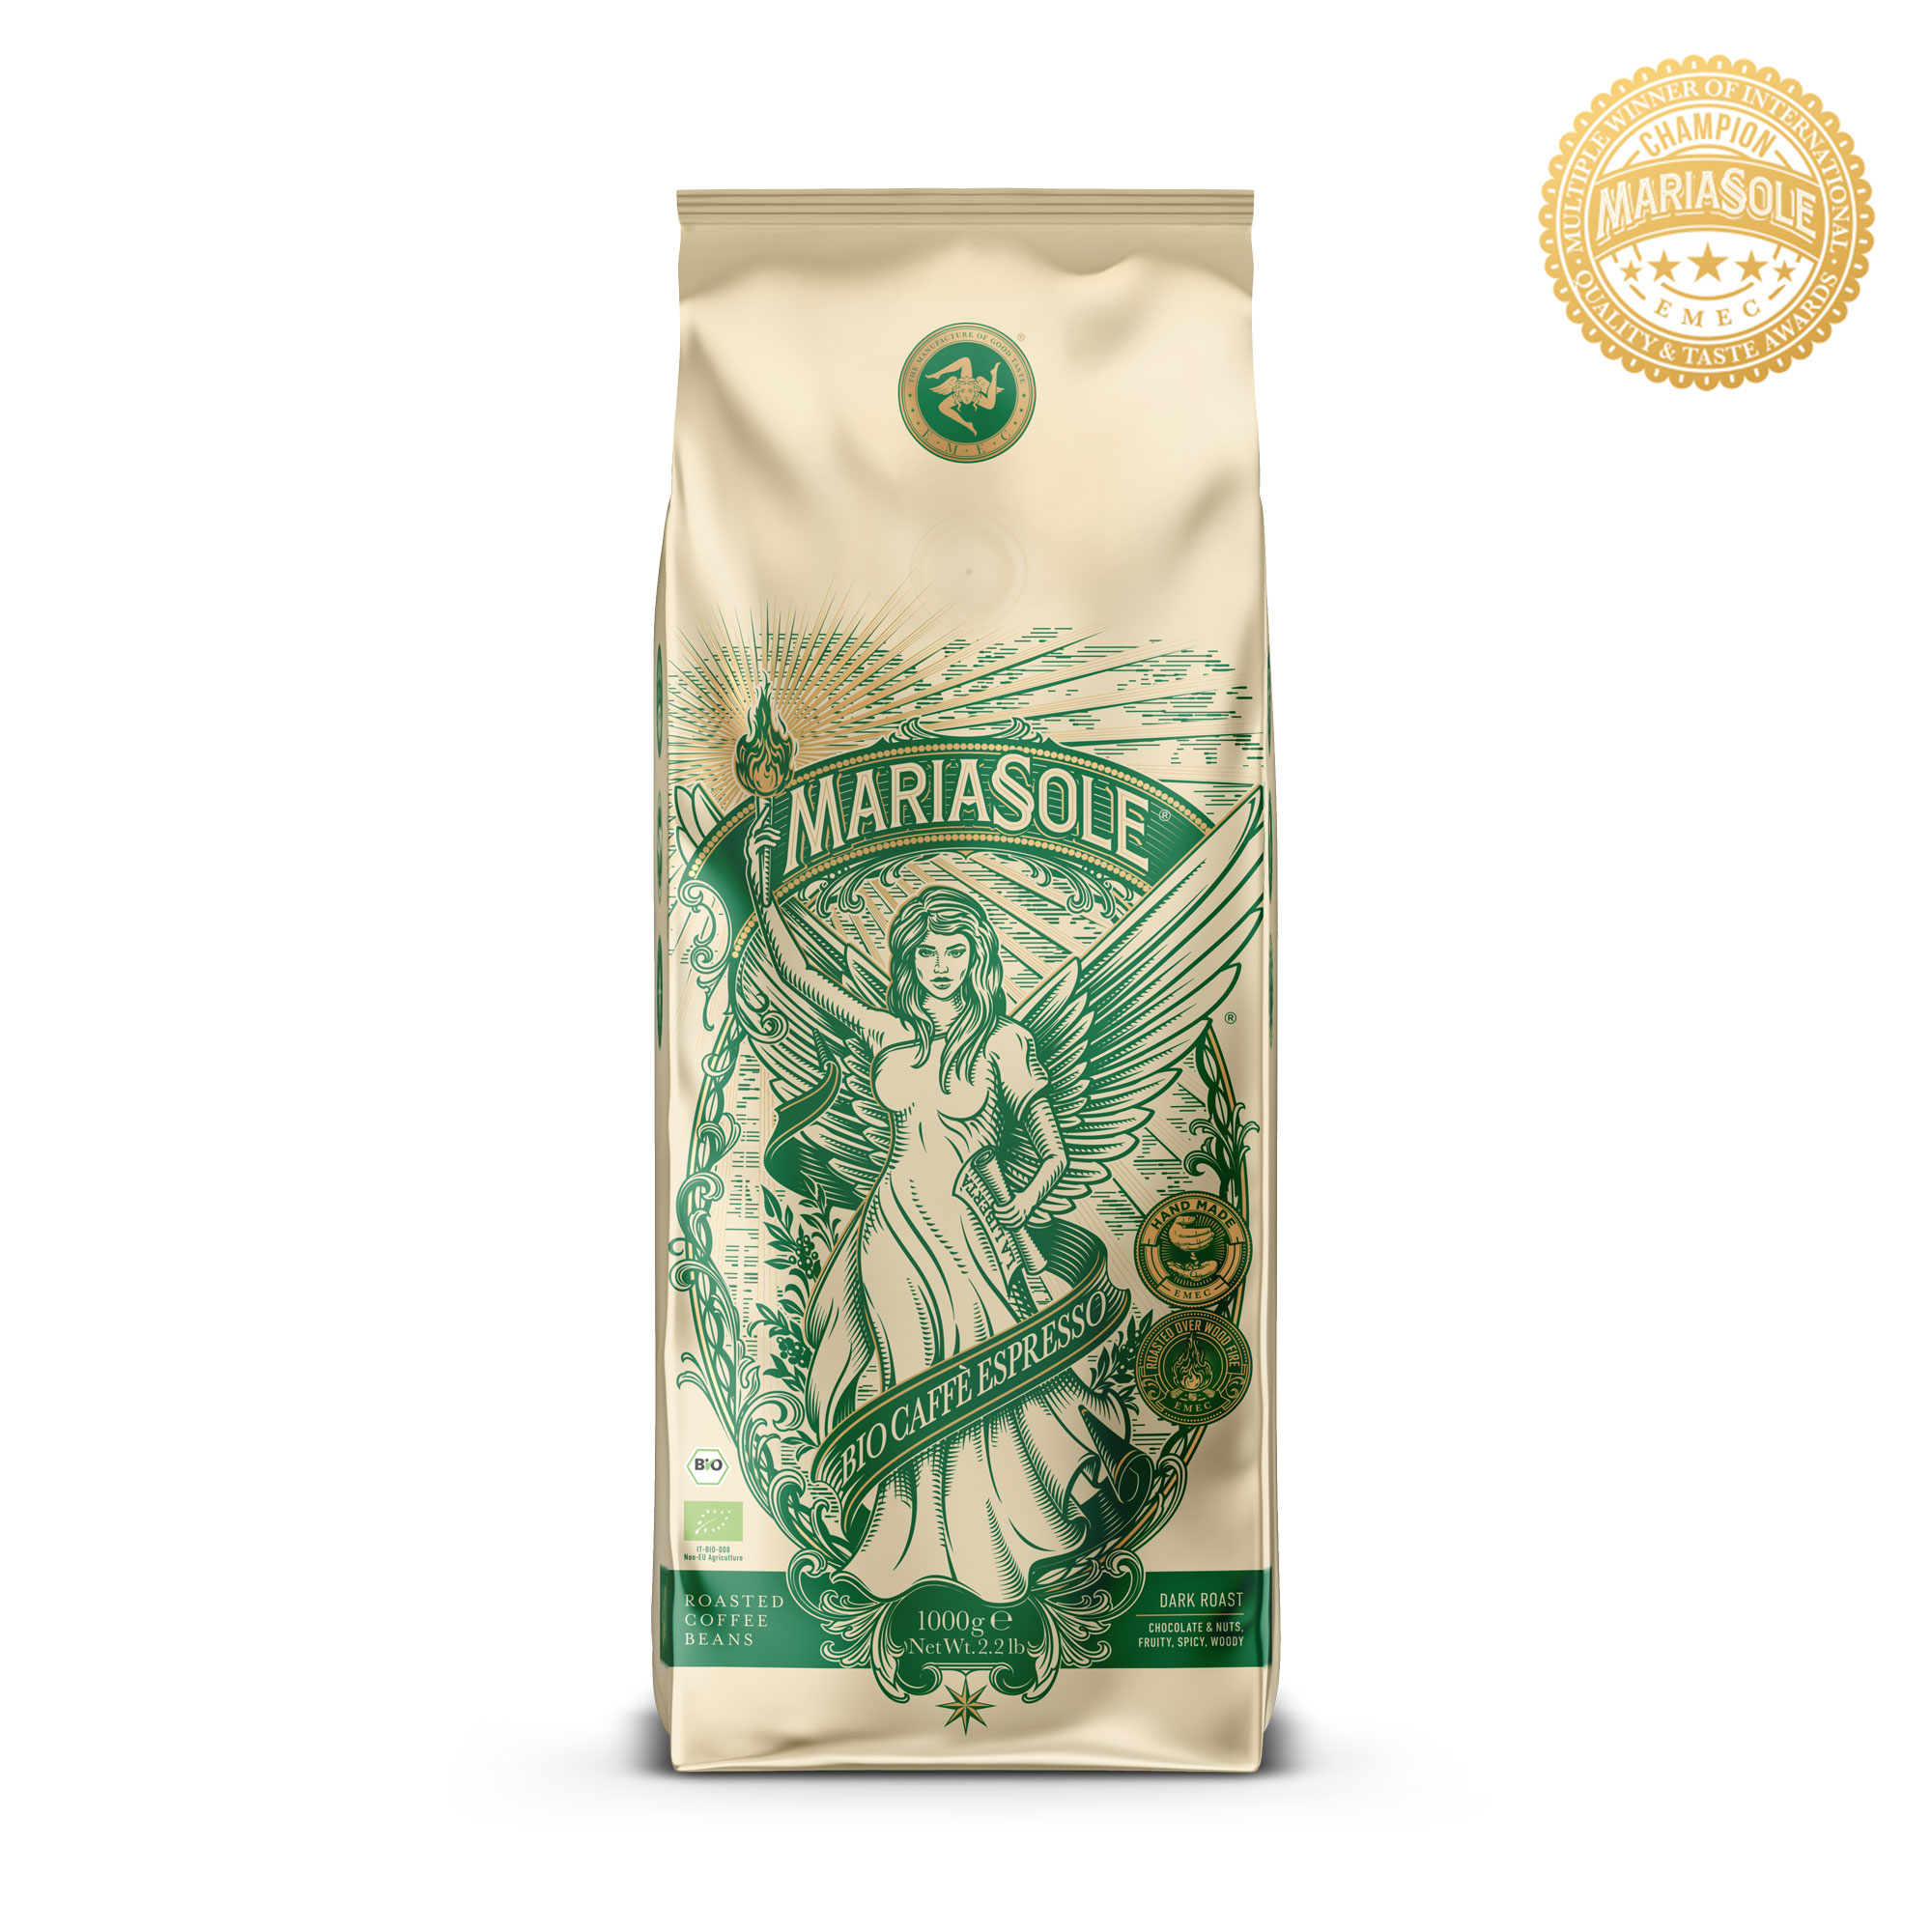 MARIASOLE - BIO Caffè Espresso - 1000g - Bohnen